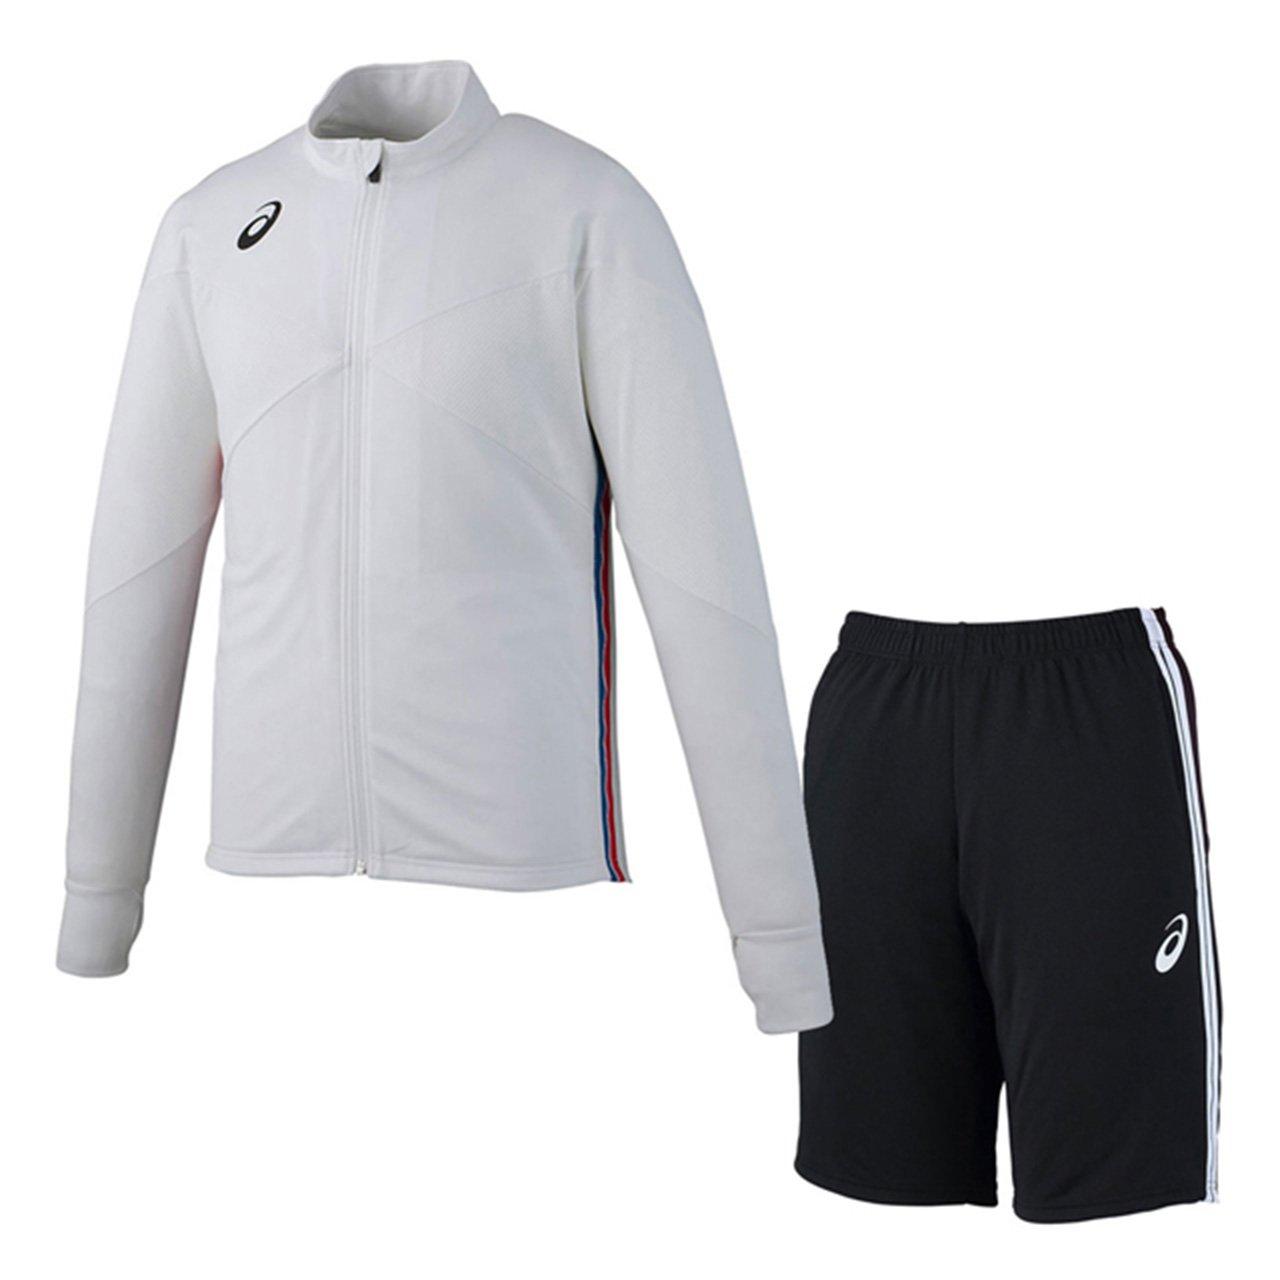 アシックス(asics) トレーニングジャケット&トレーニングハーフパンツ 上下セット(ホワイト/ブラック) XST181-01-XST282-90 B079WVMMR8 XL|ホワイト/ブラック ホワイト/ブラック XL